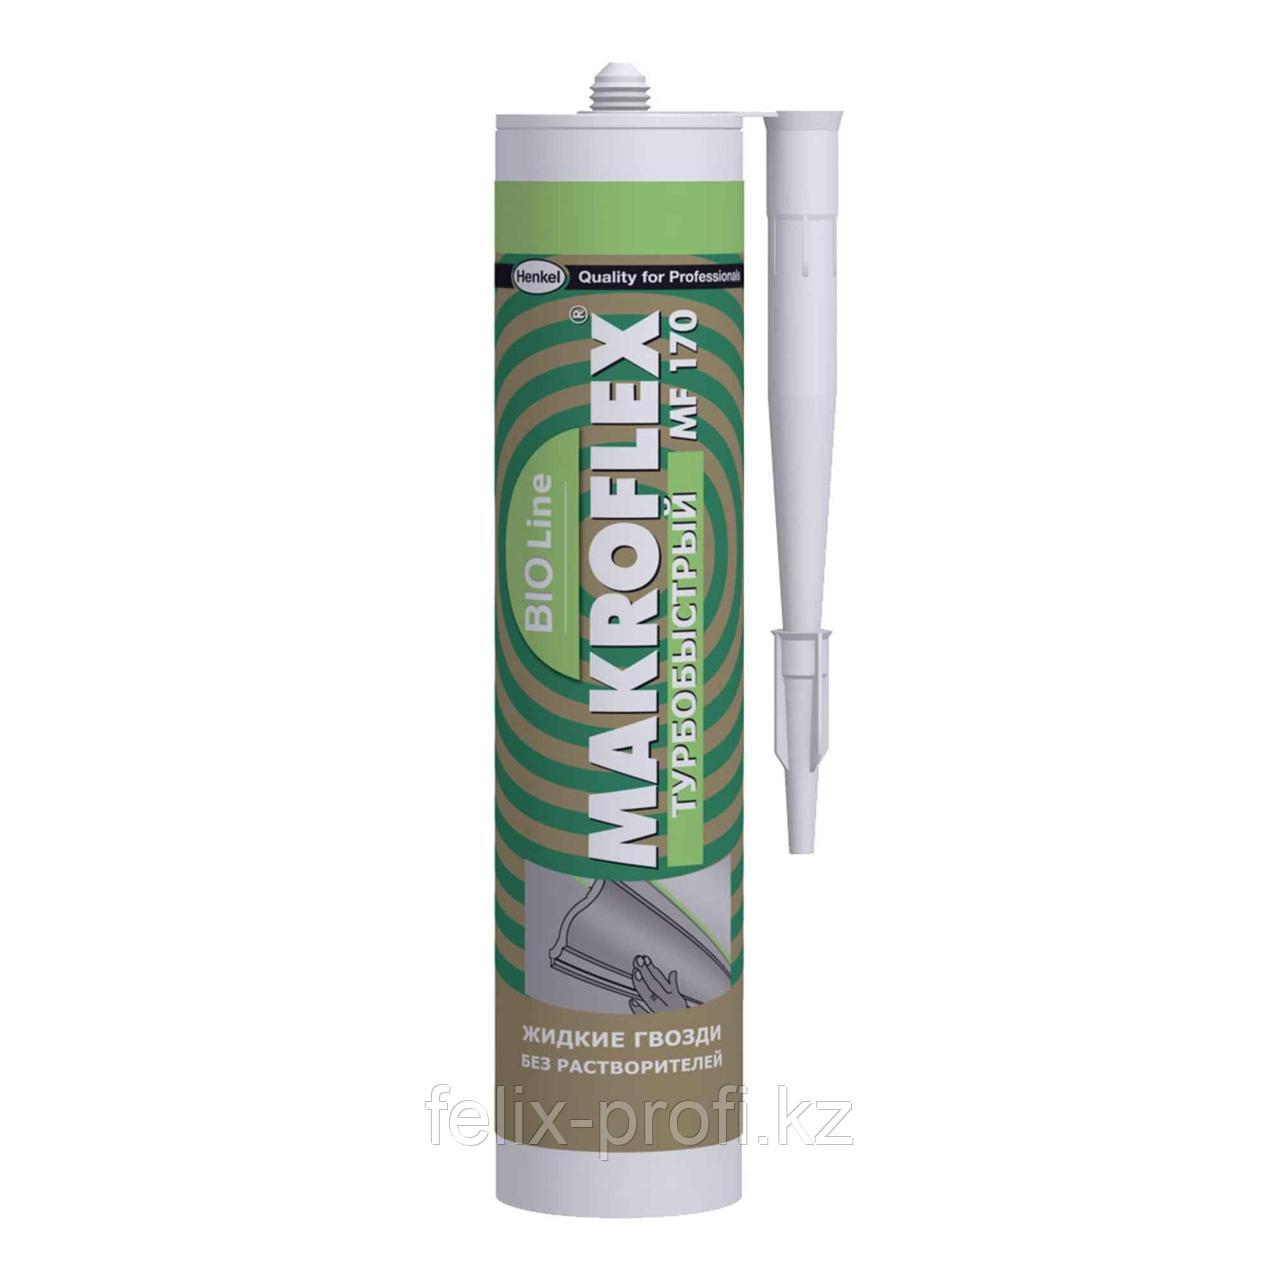 """MAKROFLEX Bioline MF 170 """" Турбобыстрый"""" Монтажный клей с повышенной прочностью крепления 400г."""